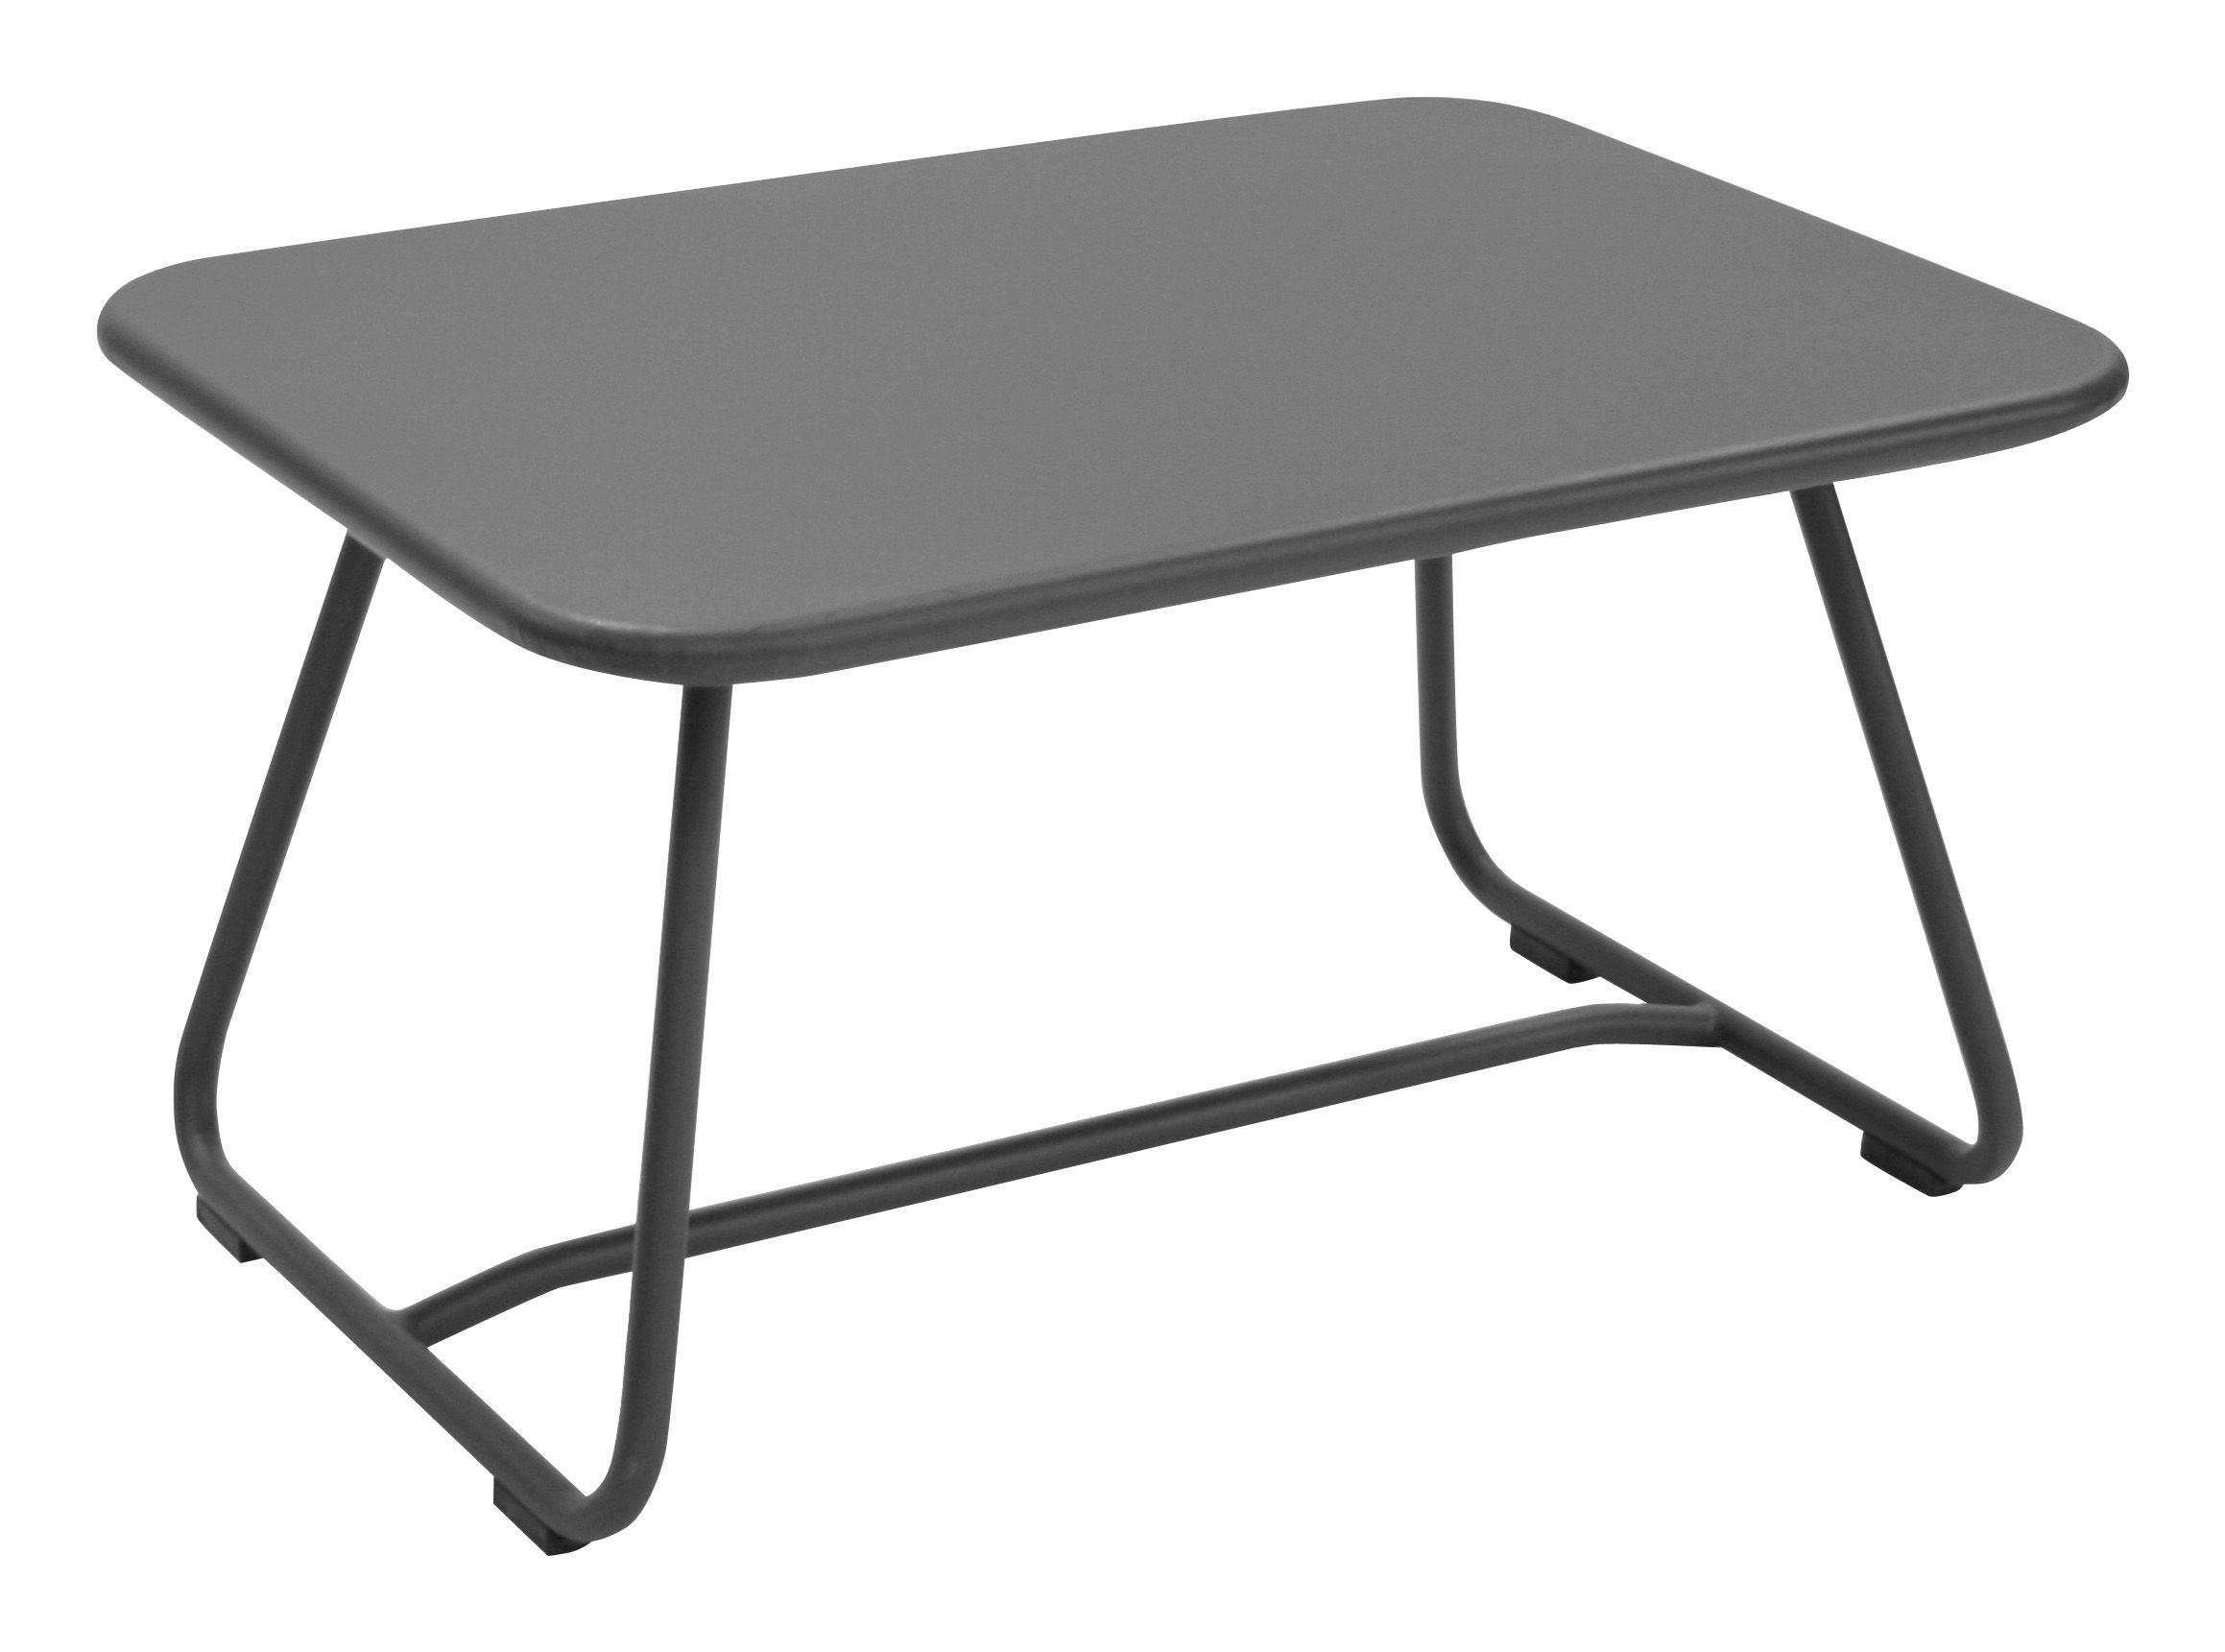 Mobilier - Tables basses - Table basse Sixties / Acier - 75 x 55 cm - Fermob - Gris orage - Acier laqué